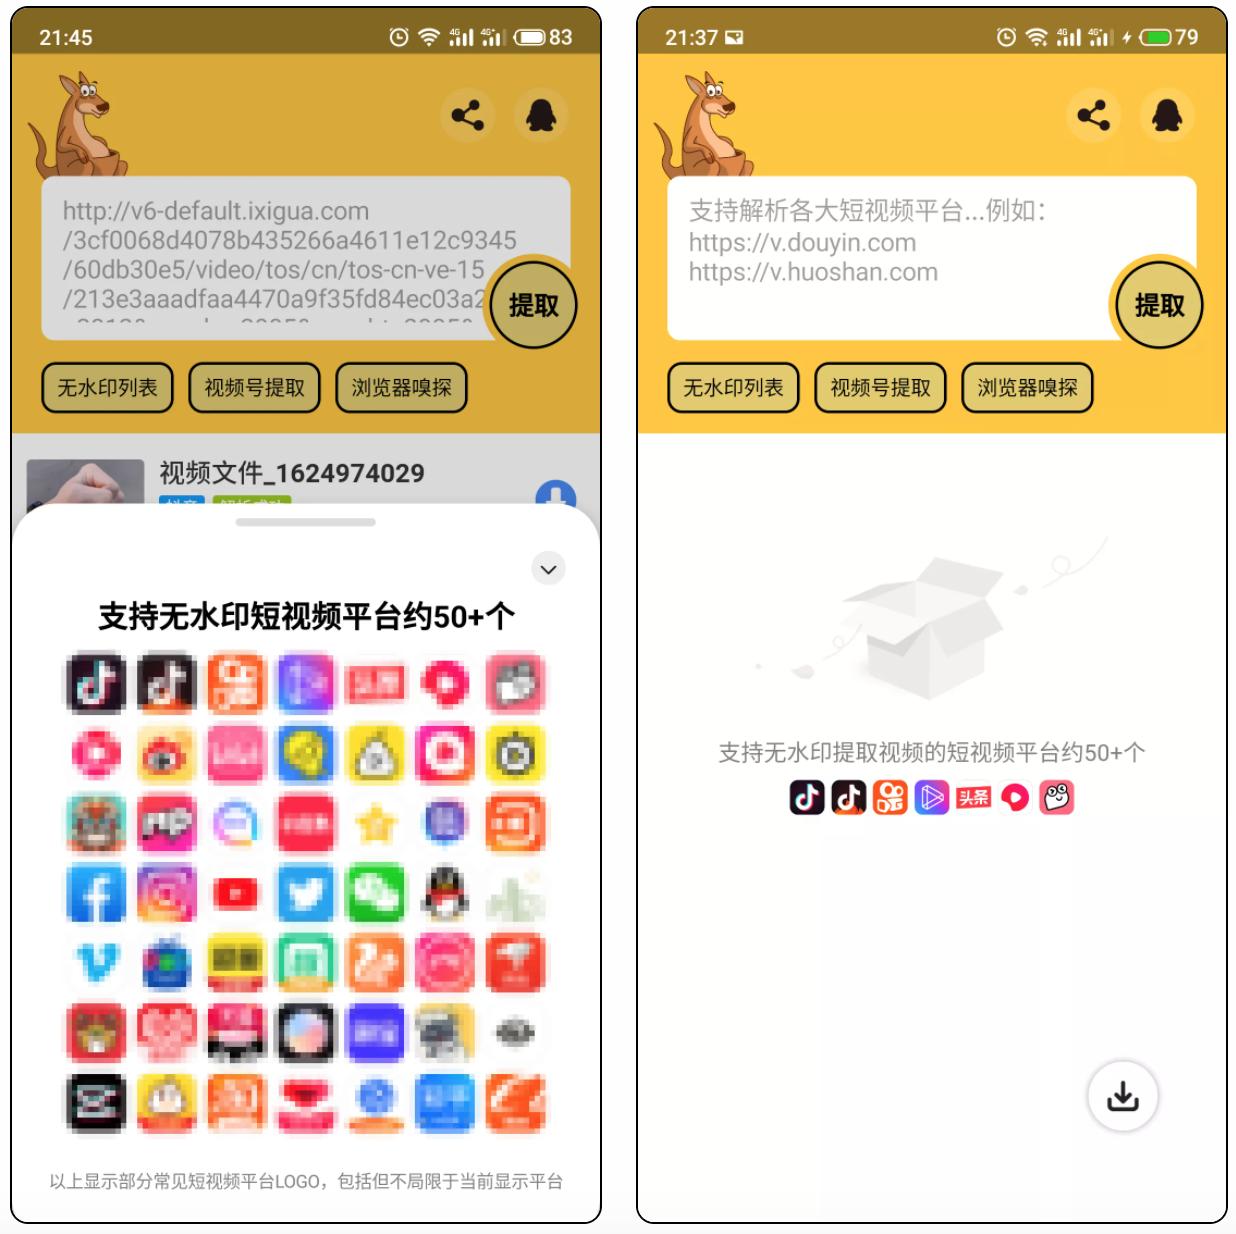 袋鼠下载—暴力解析50+平台资源